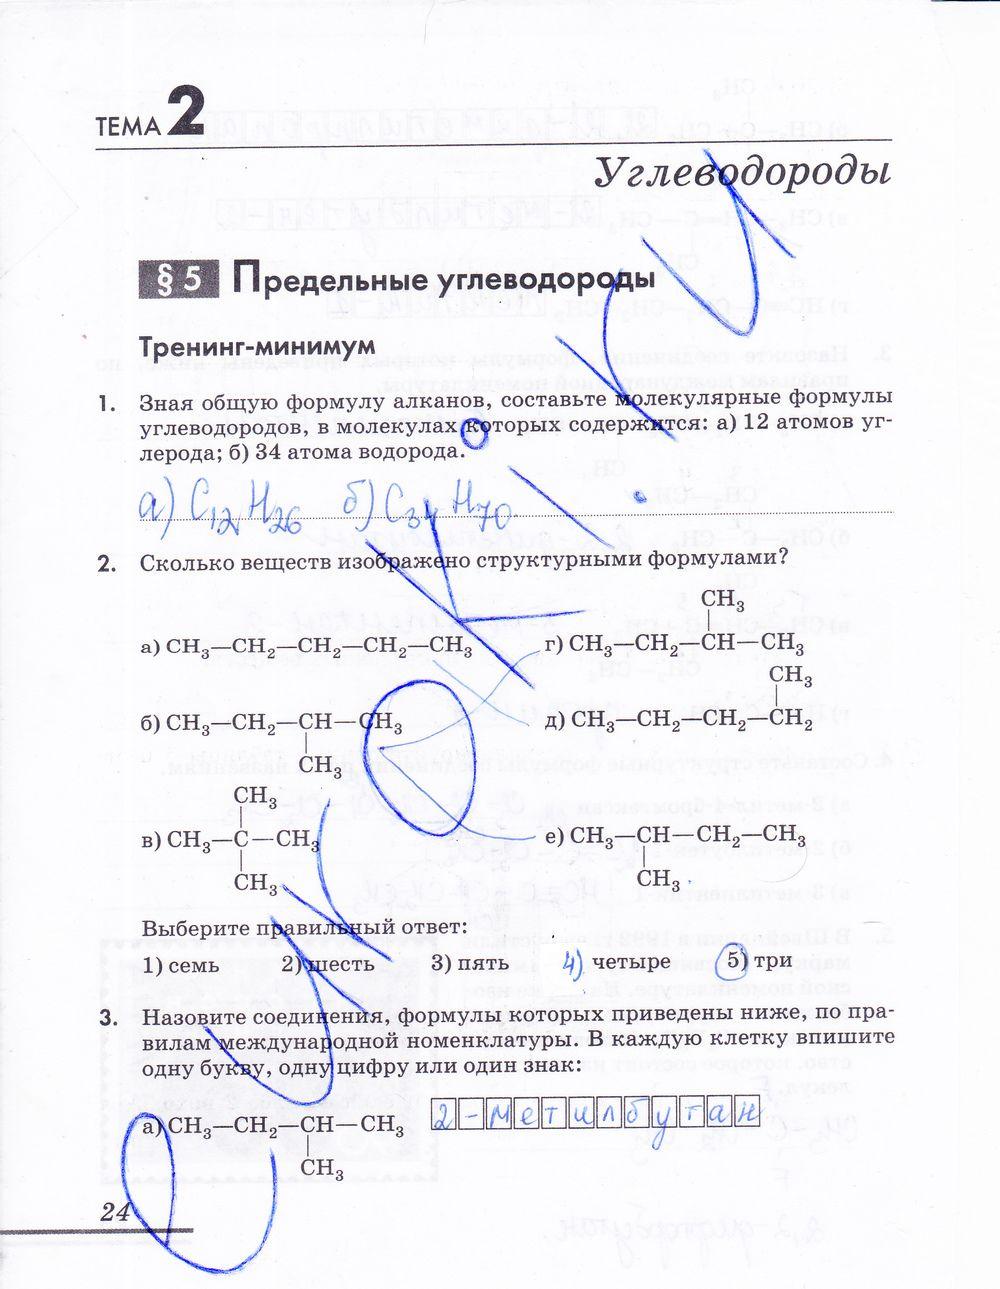 Геометрия aпостоловa 11 клaсс гдз » найдено в документах.